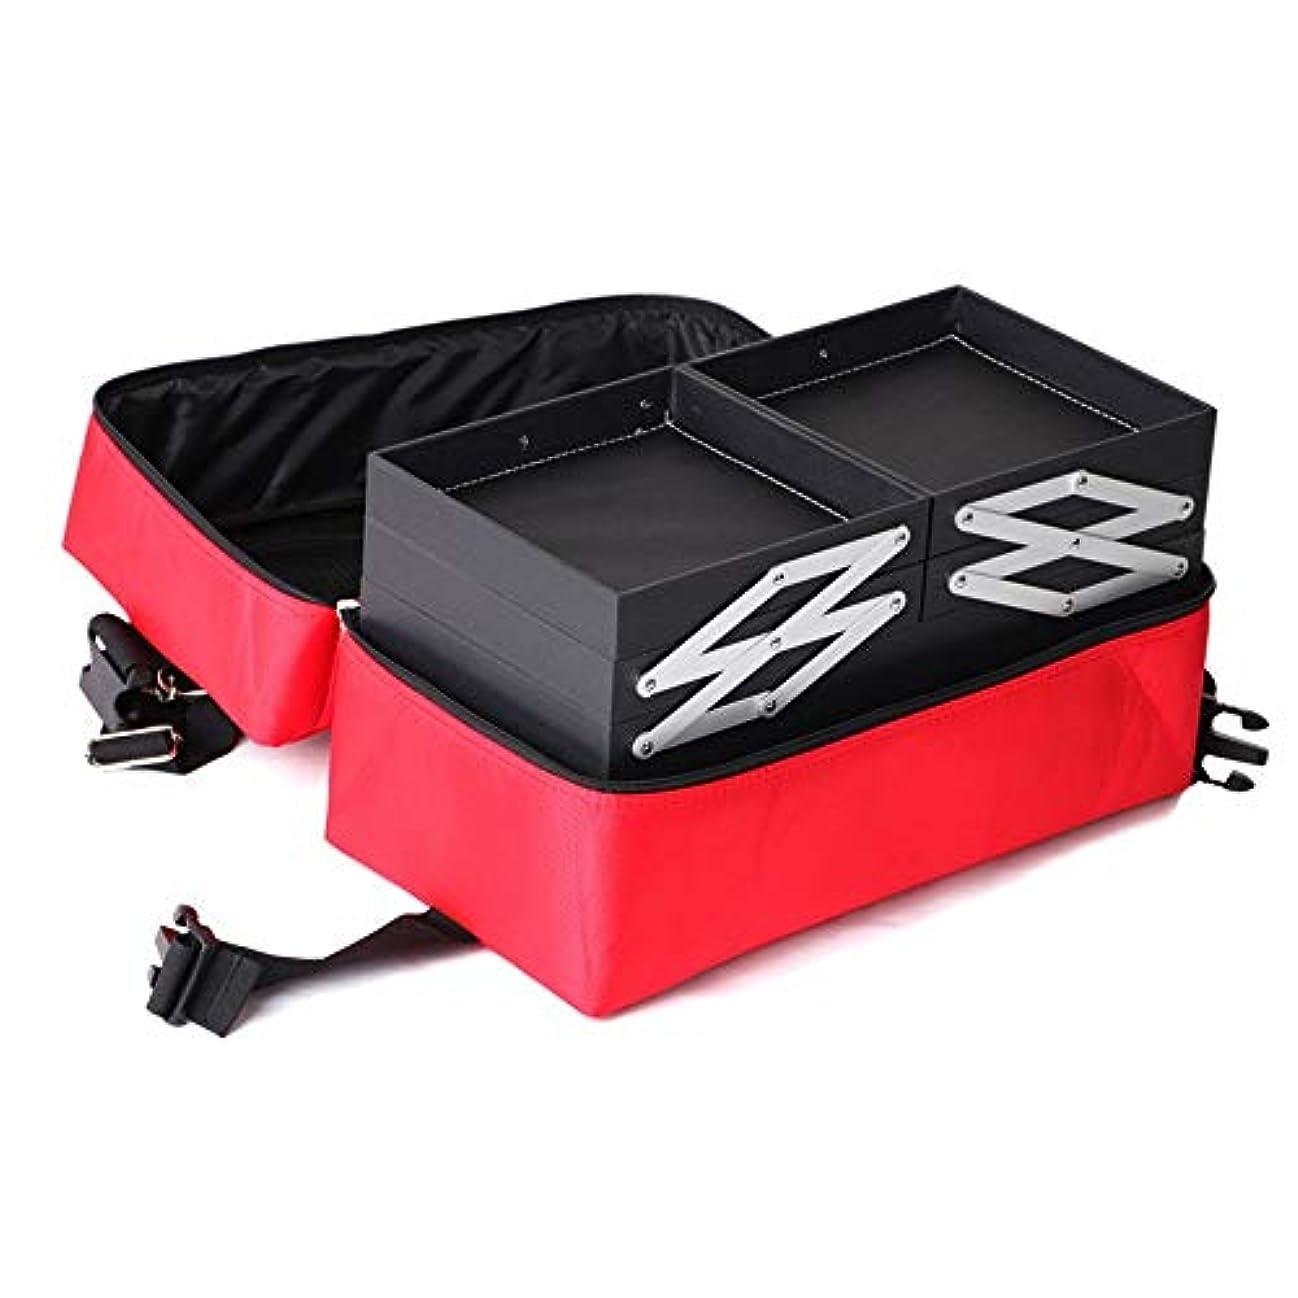 ピカリング早熟一握り化粧オーガナイザーバッグ メイクアップトラベルバッグストレージバッグ防水ミニメイクアップケース旅行旅行のための 化粧品ケース